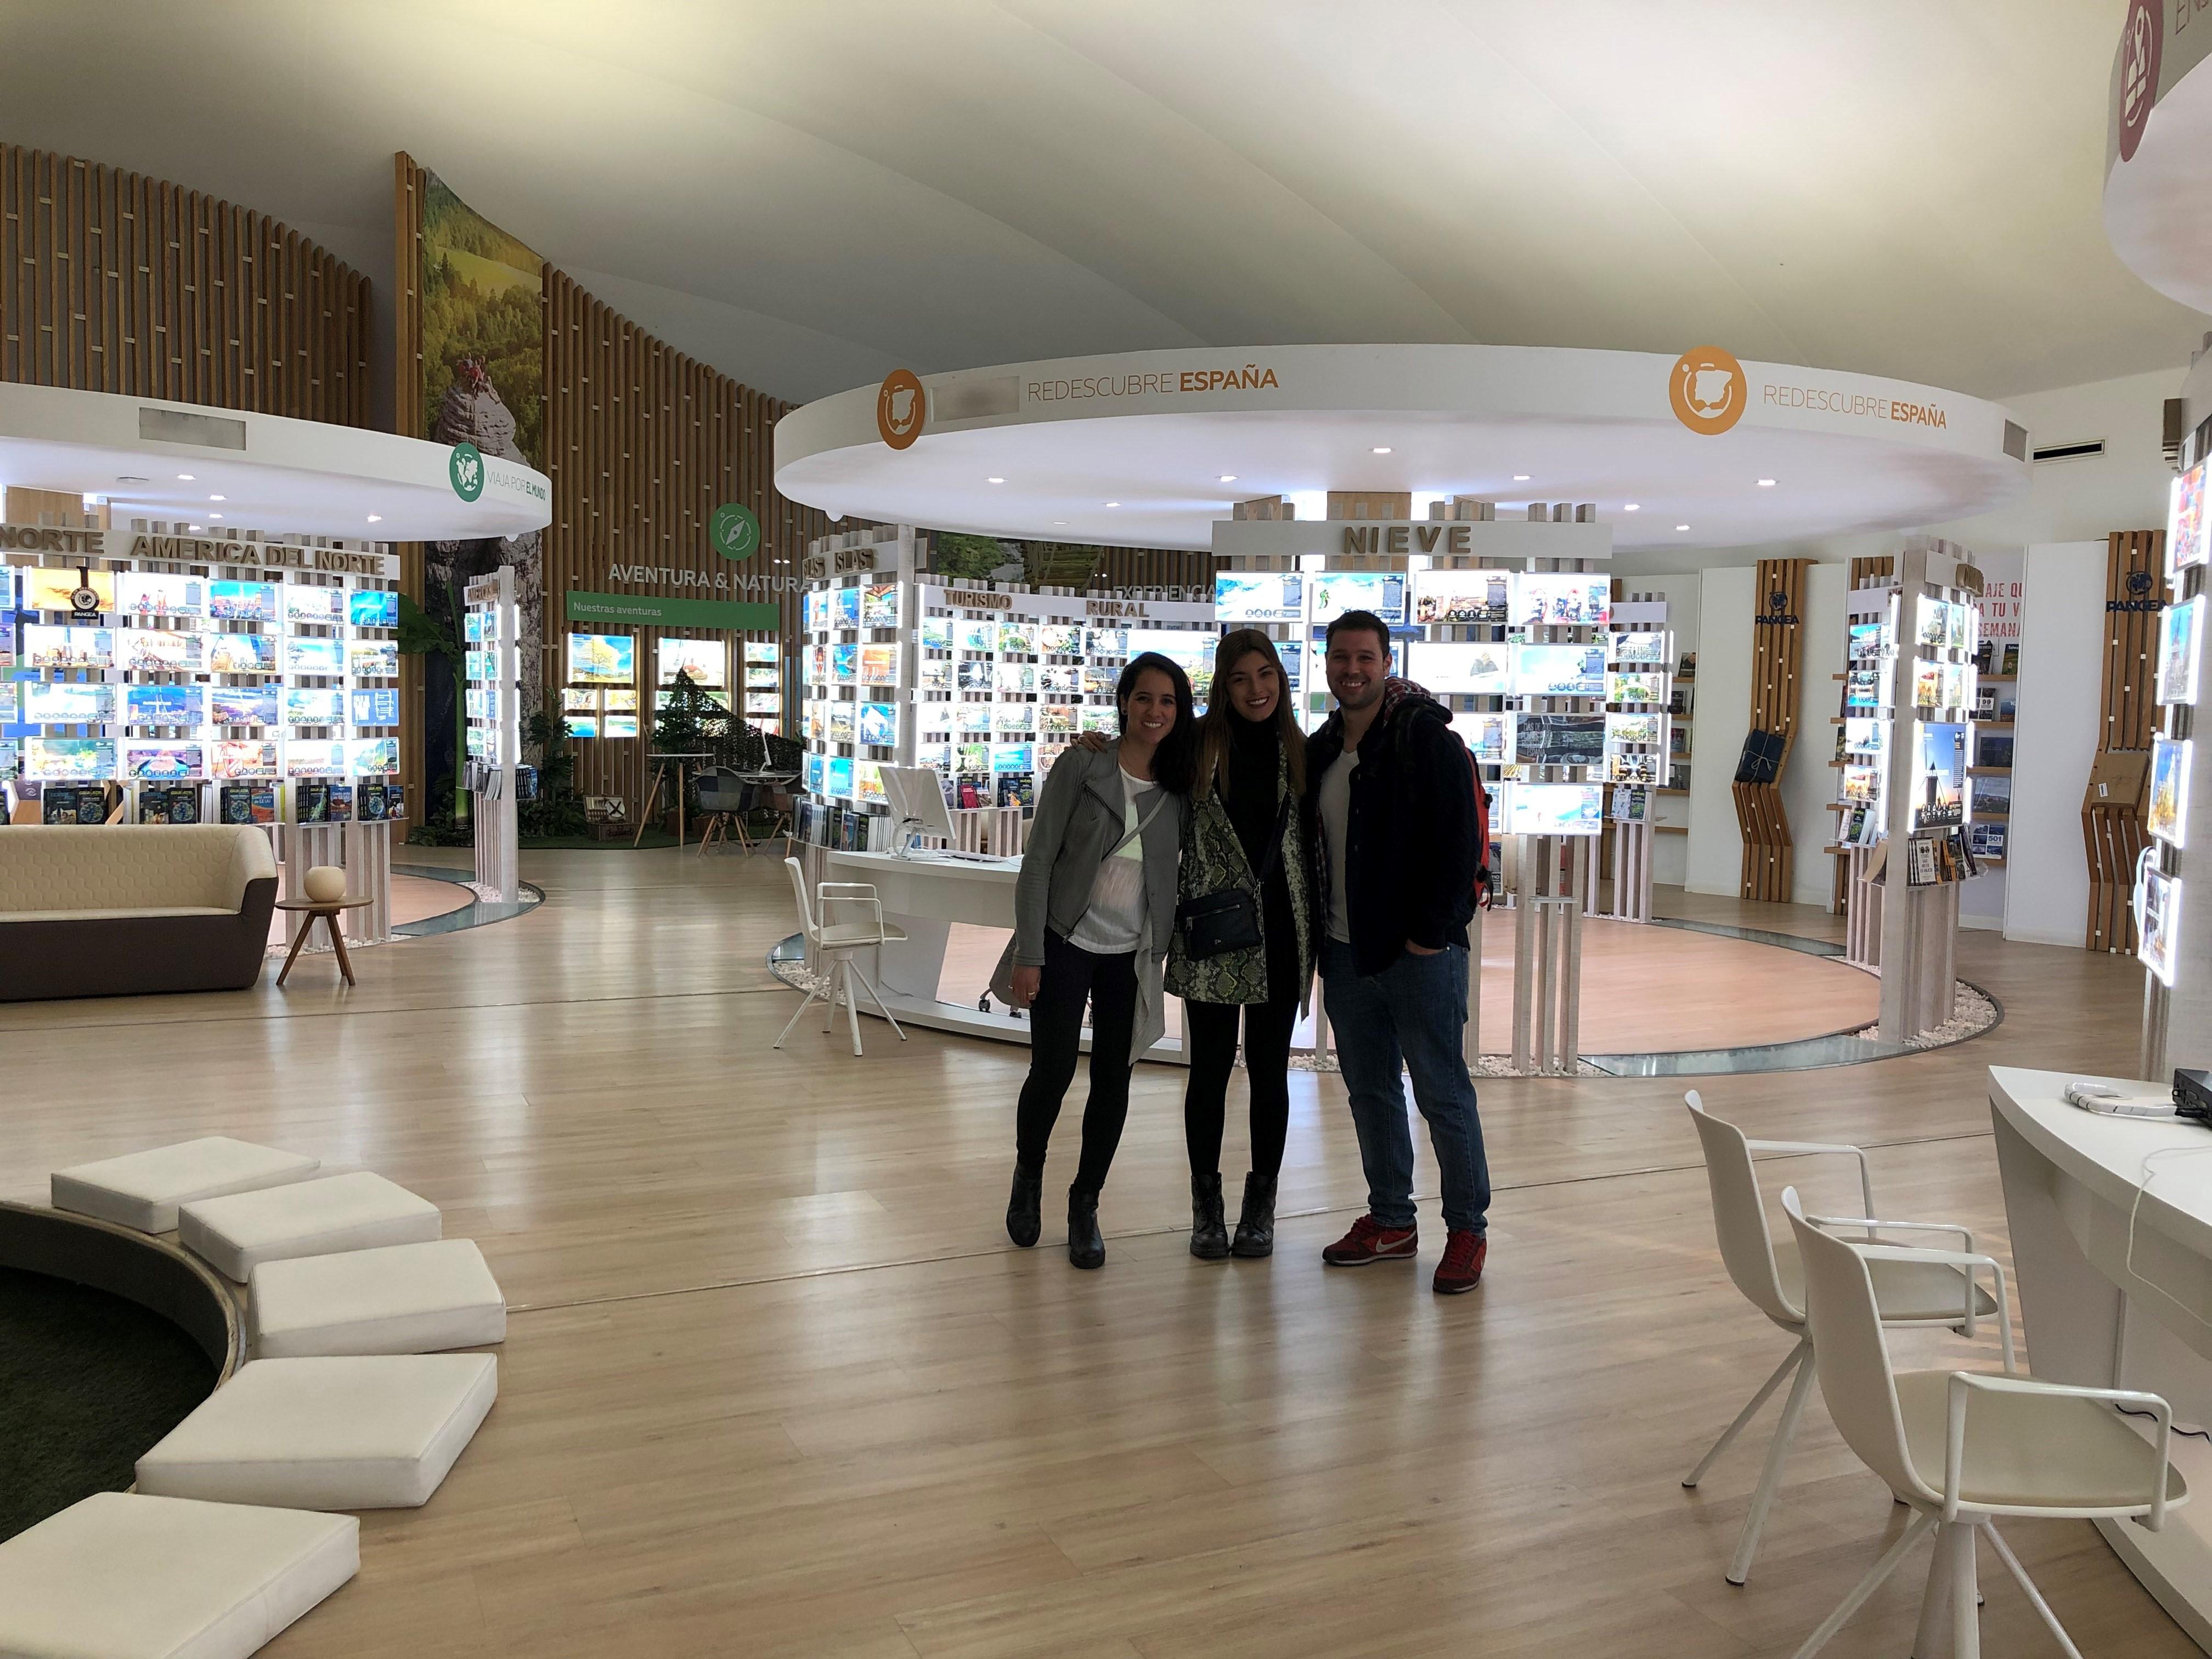 visita-imf-pangea Los estudiantes del Master de Marketing de IMF conocen por dentro Pangea